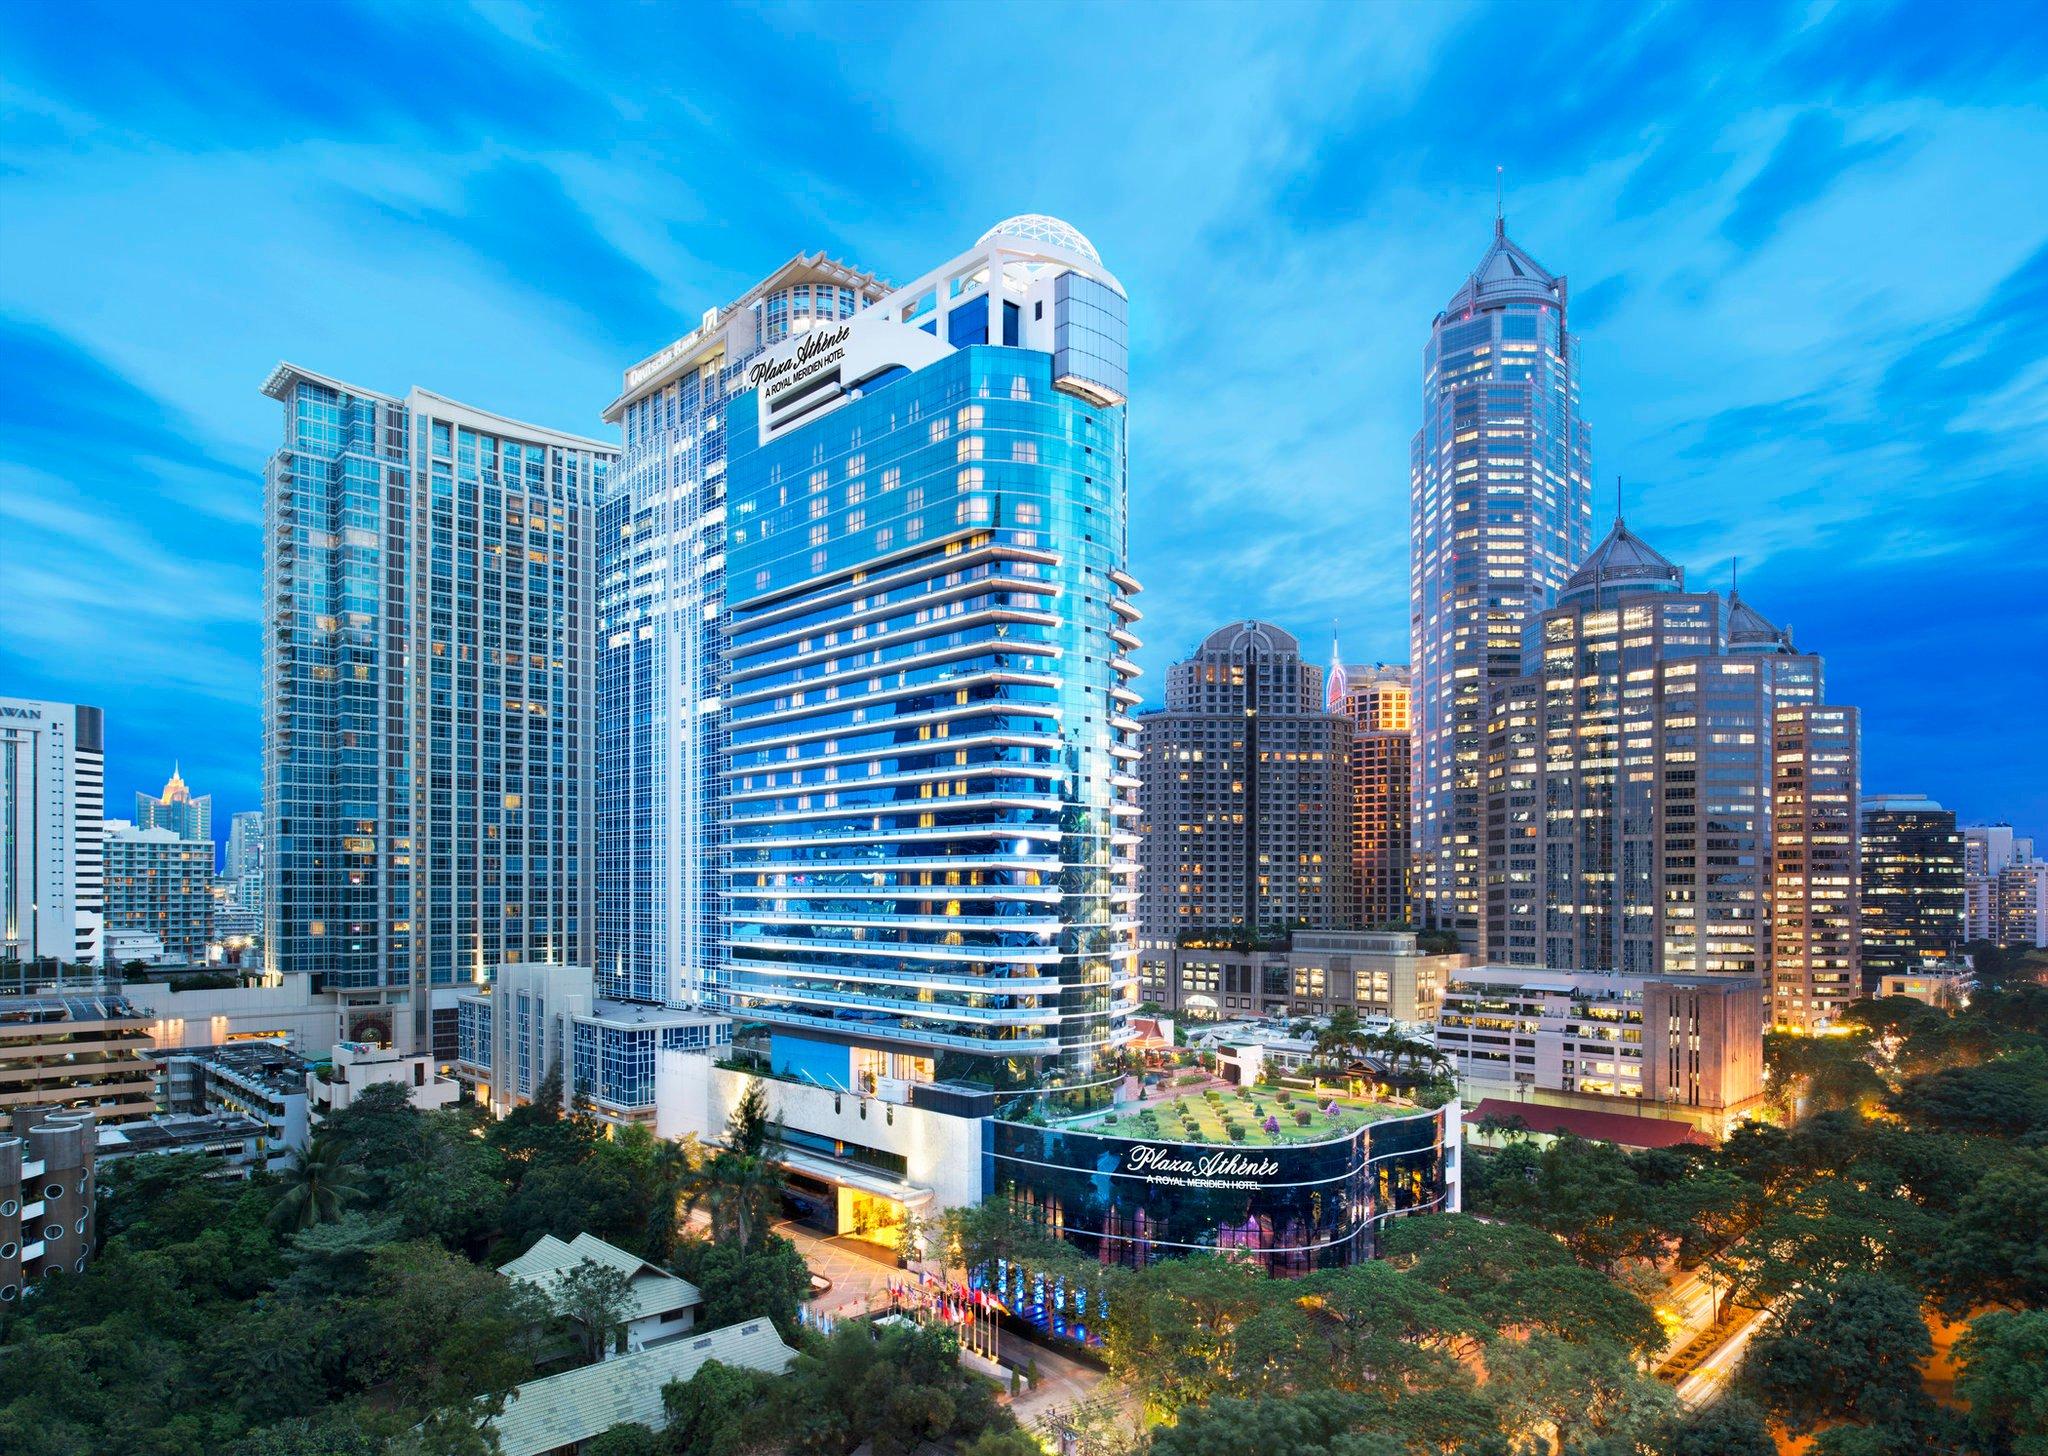 플라자 아테네 방콕 로열 메르디앙 호텔